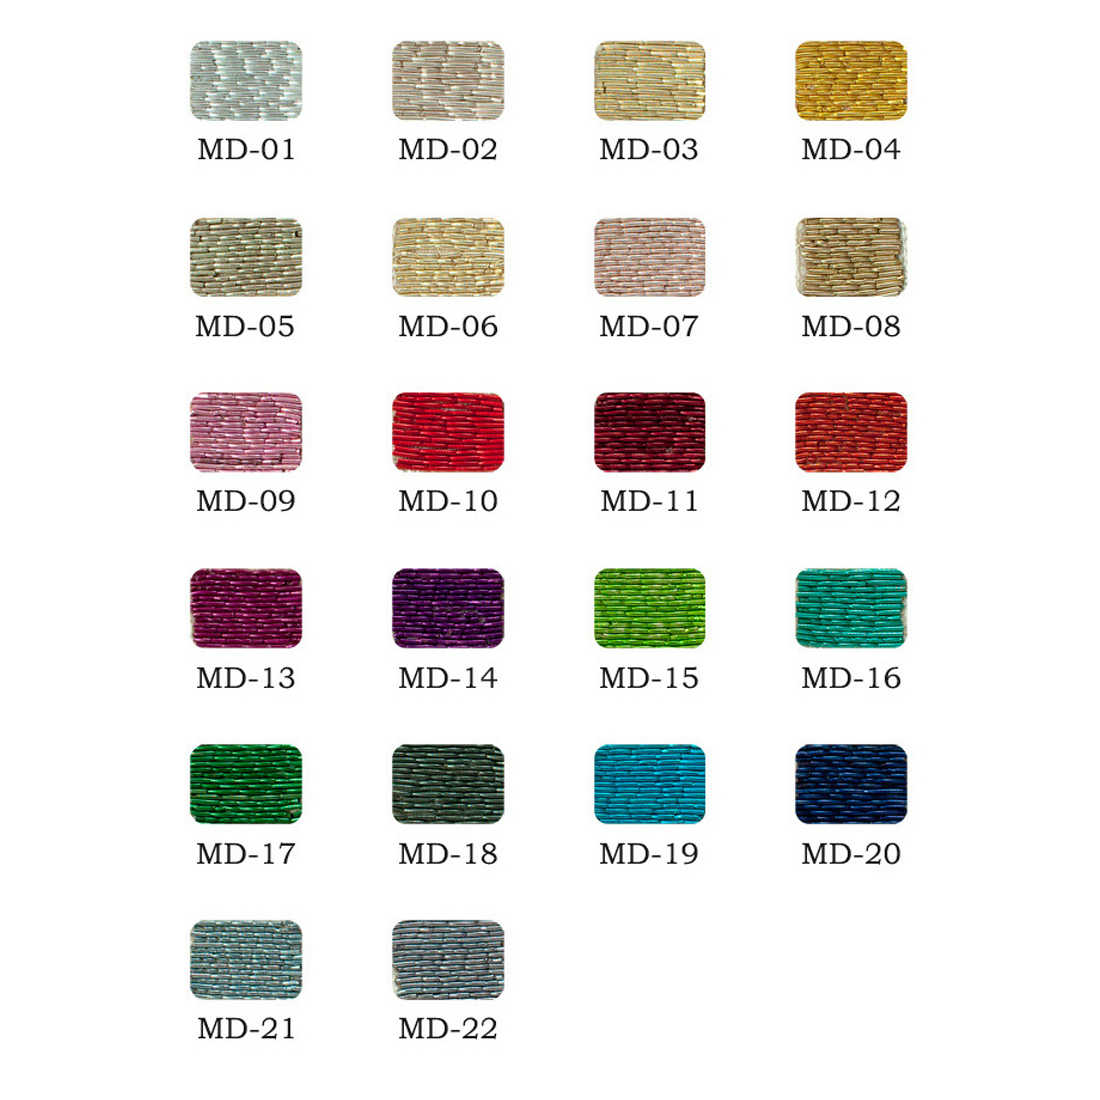 10 جرام/الحقيبة خيط حرير مستدير (لامع) مجموعة أدوات الخياطة والتطريز ذاتية الصنع زينة الحفلة الإبداعية ملحقات أدوات الخياطة